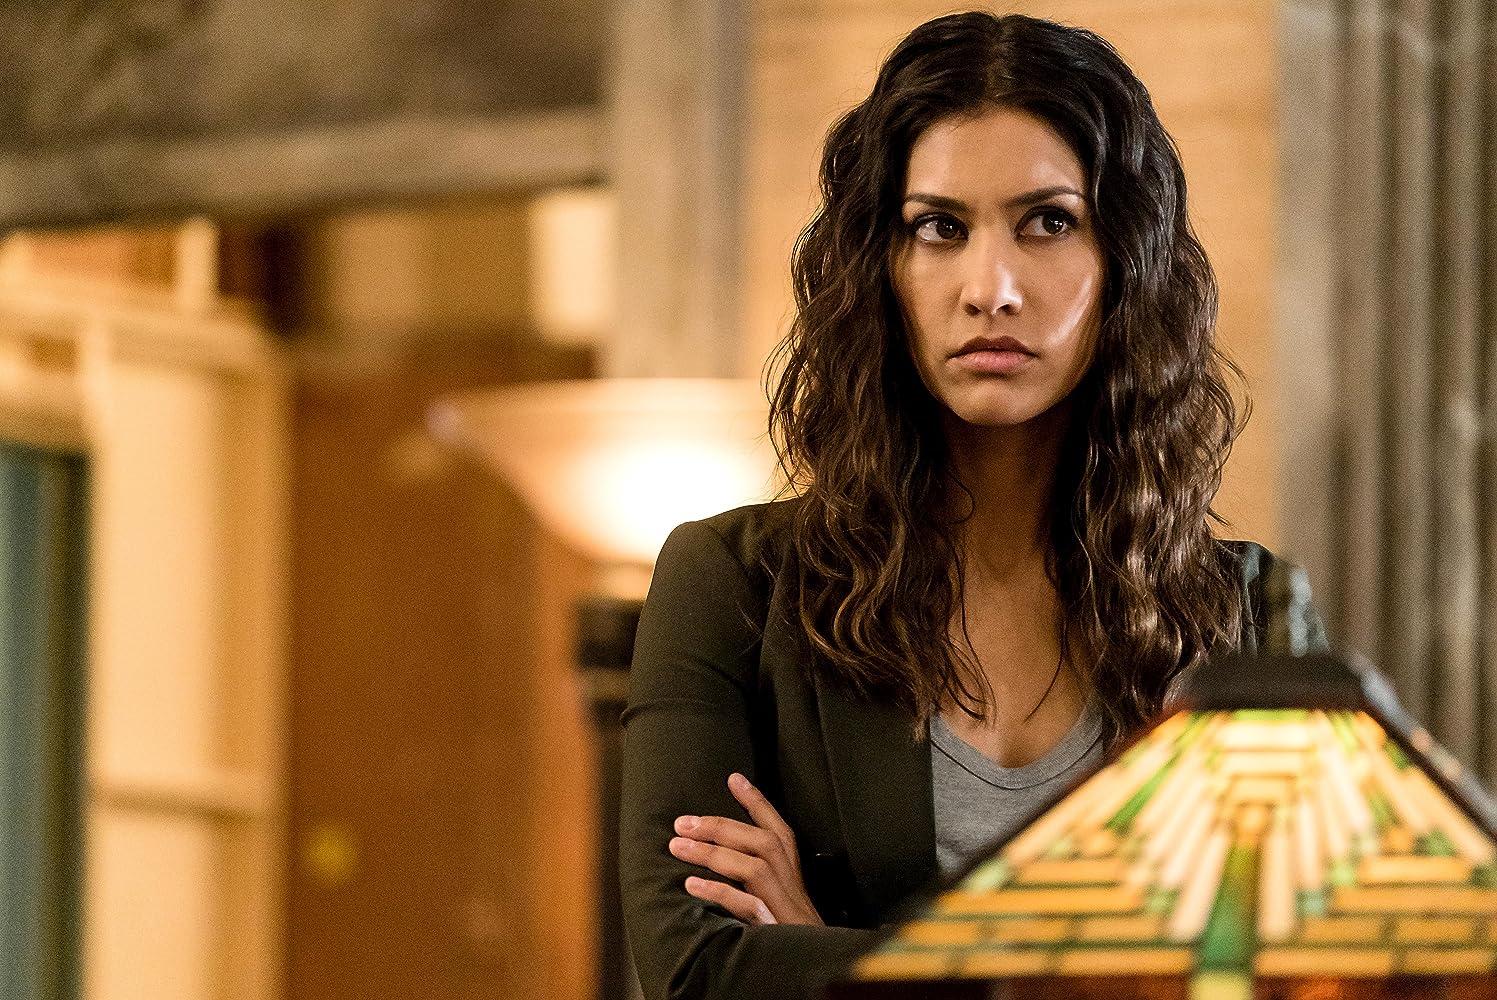 Janina Gavankar in Sleepy Hollow (2013)